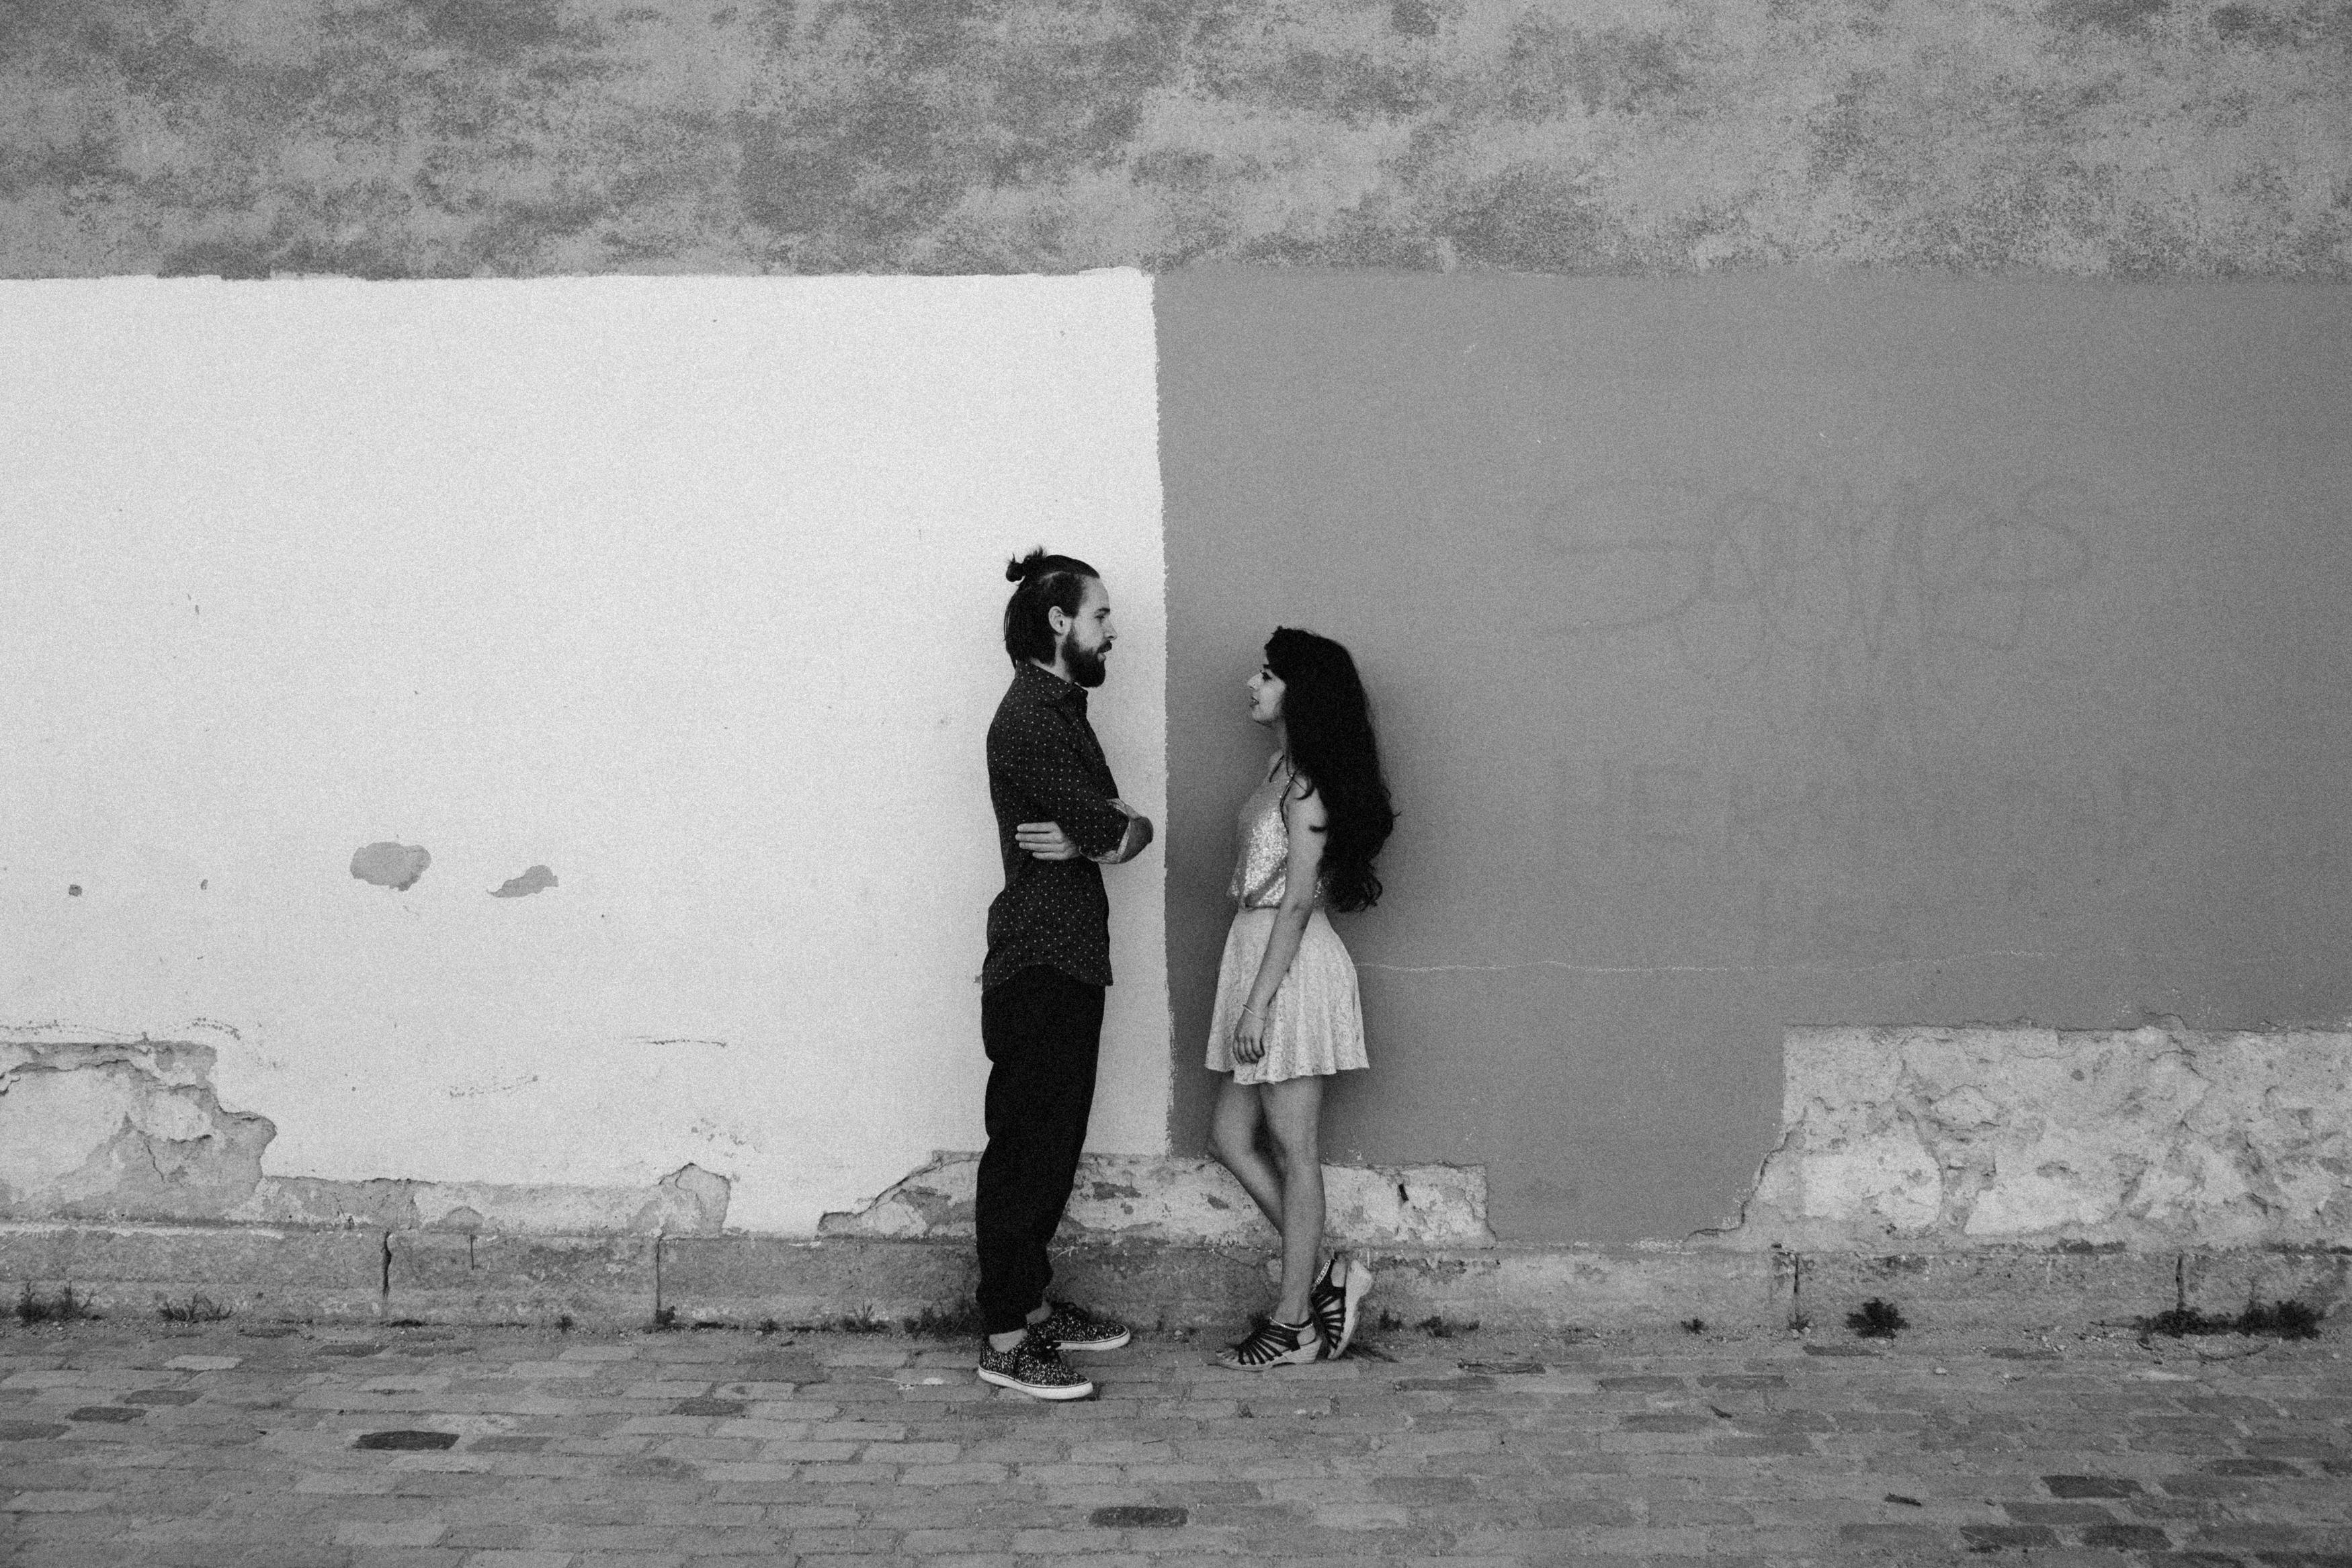 Riti+Sebastian